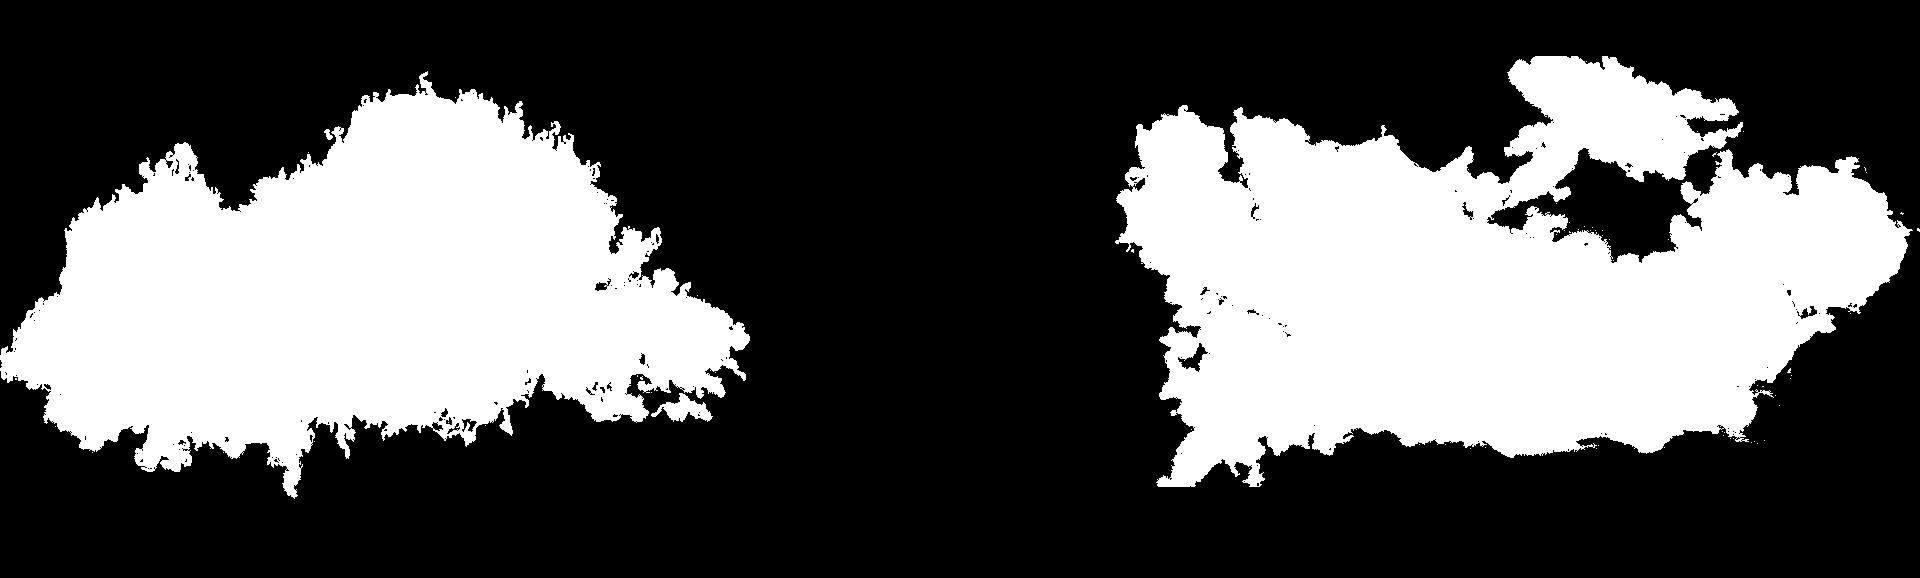 banner-overlay